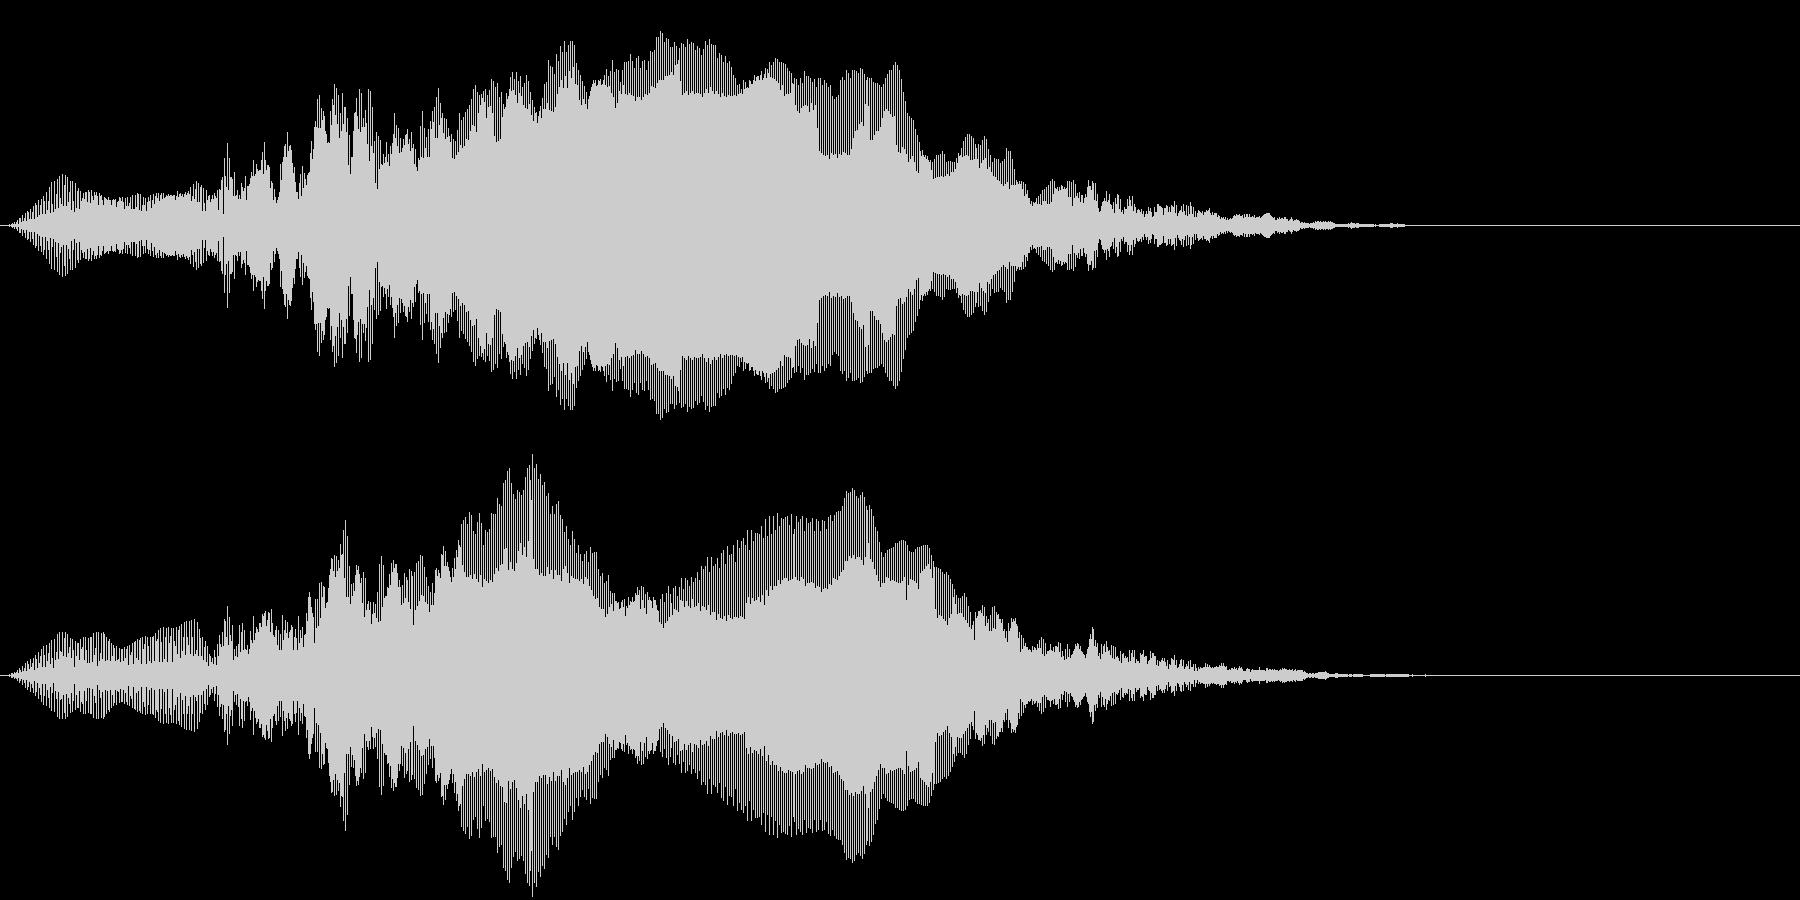 インドクジャクの鳴き声の未再生の波形